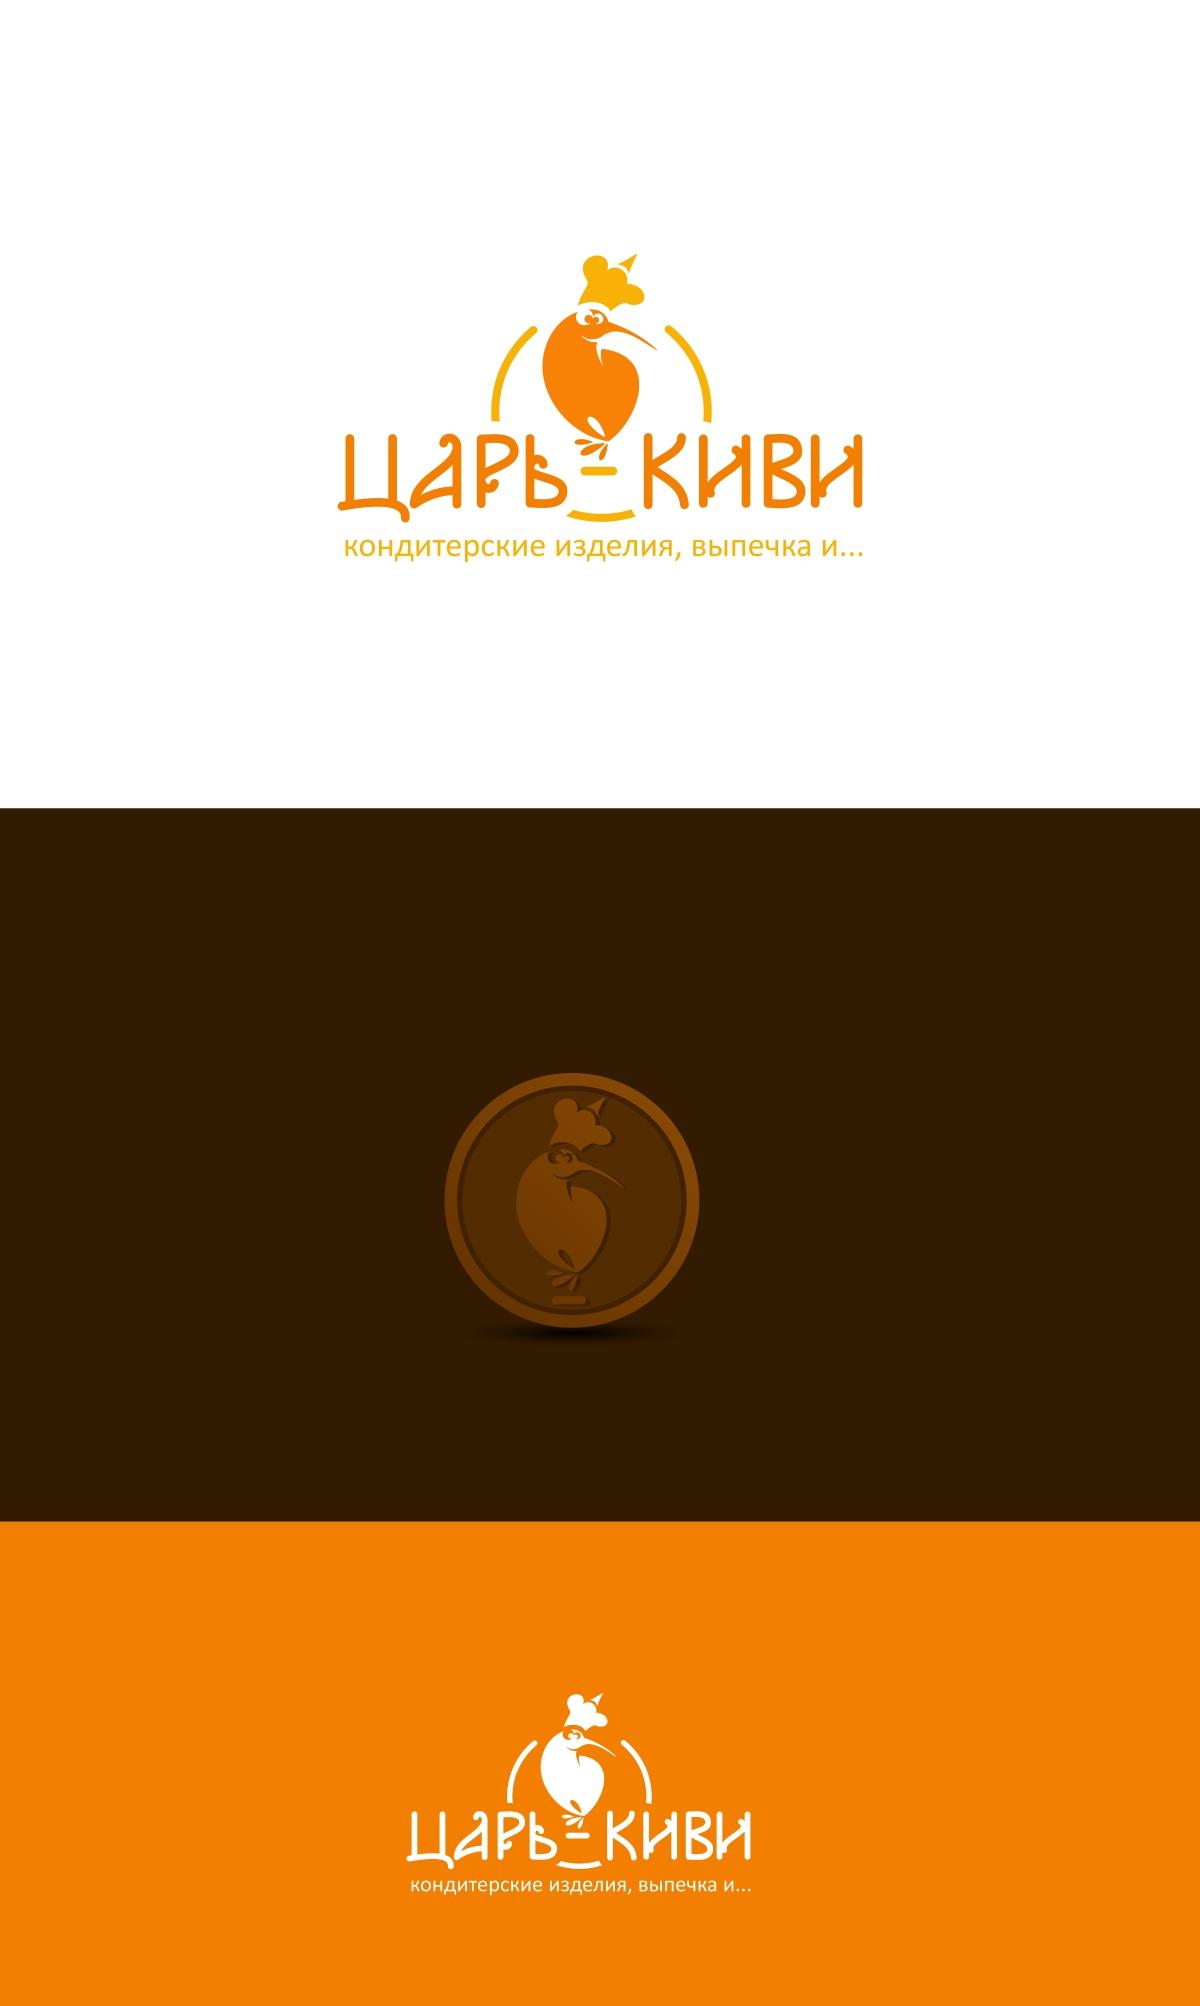 """Доработать дизайн логотипа кафе-кондитерской """"Царь-Киви"""" фото f_3495a09ee4f7f397.jpg"""